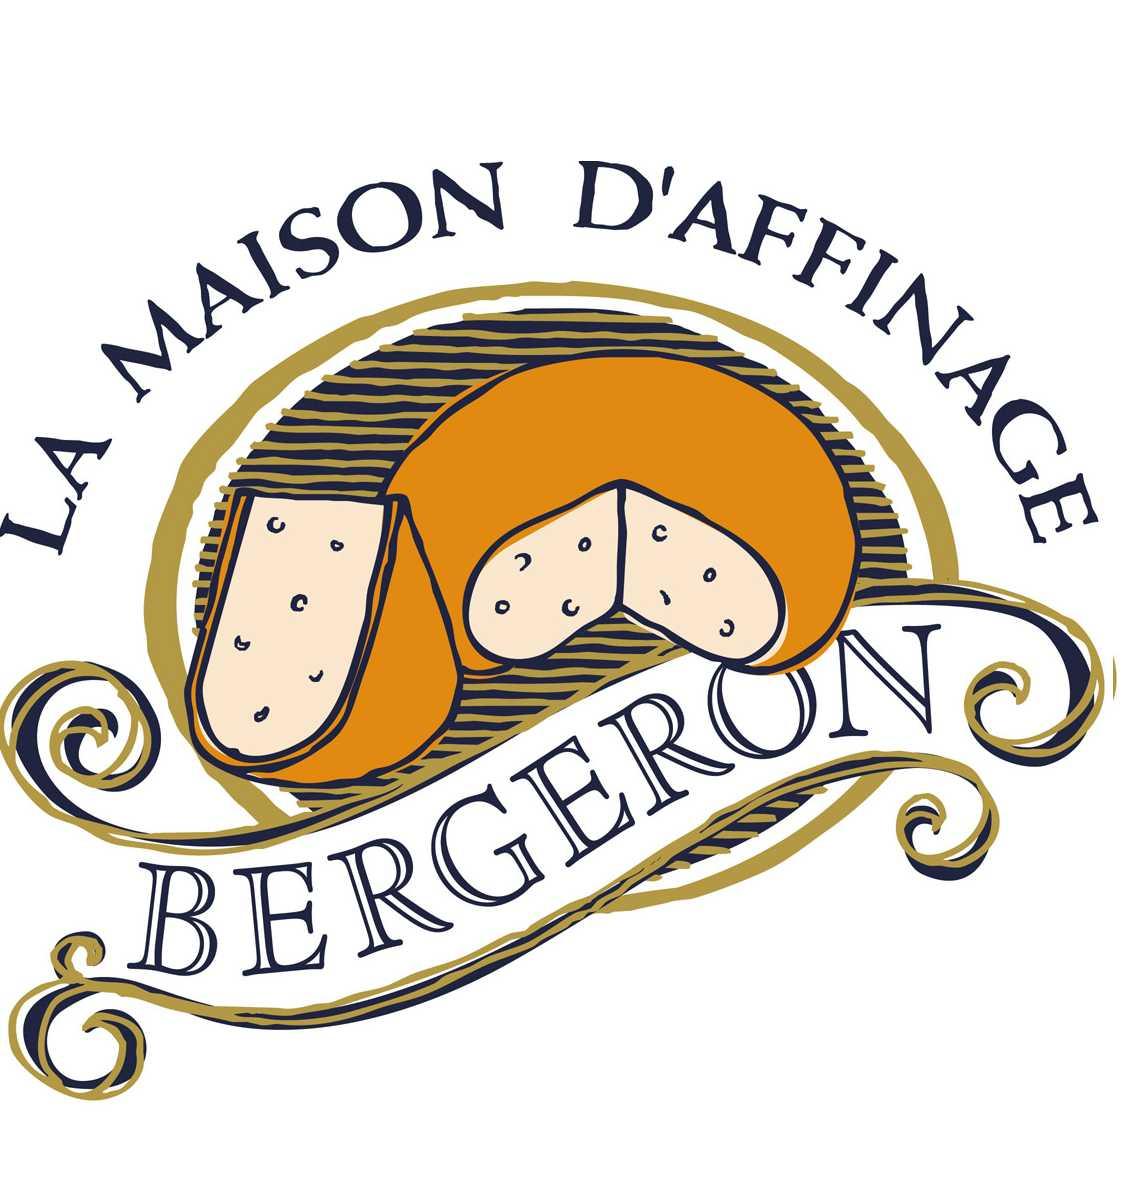 Maison d'Affinage Bergeron